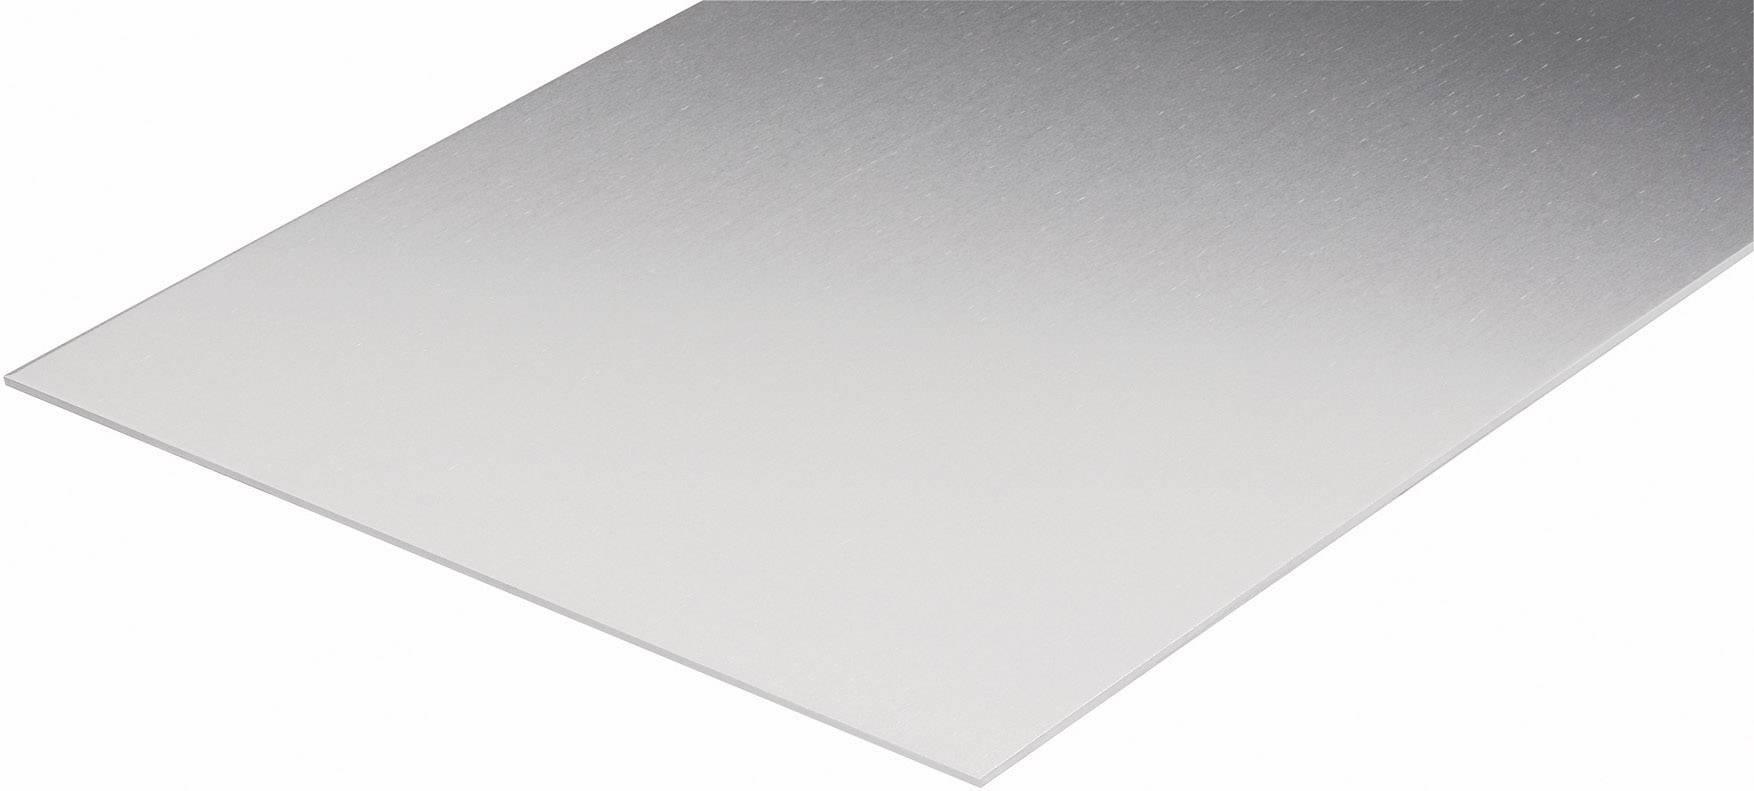 Hliníková deska Al-Mg 3 Modelcraft, 400 x 200 x 3 mm